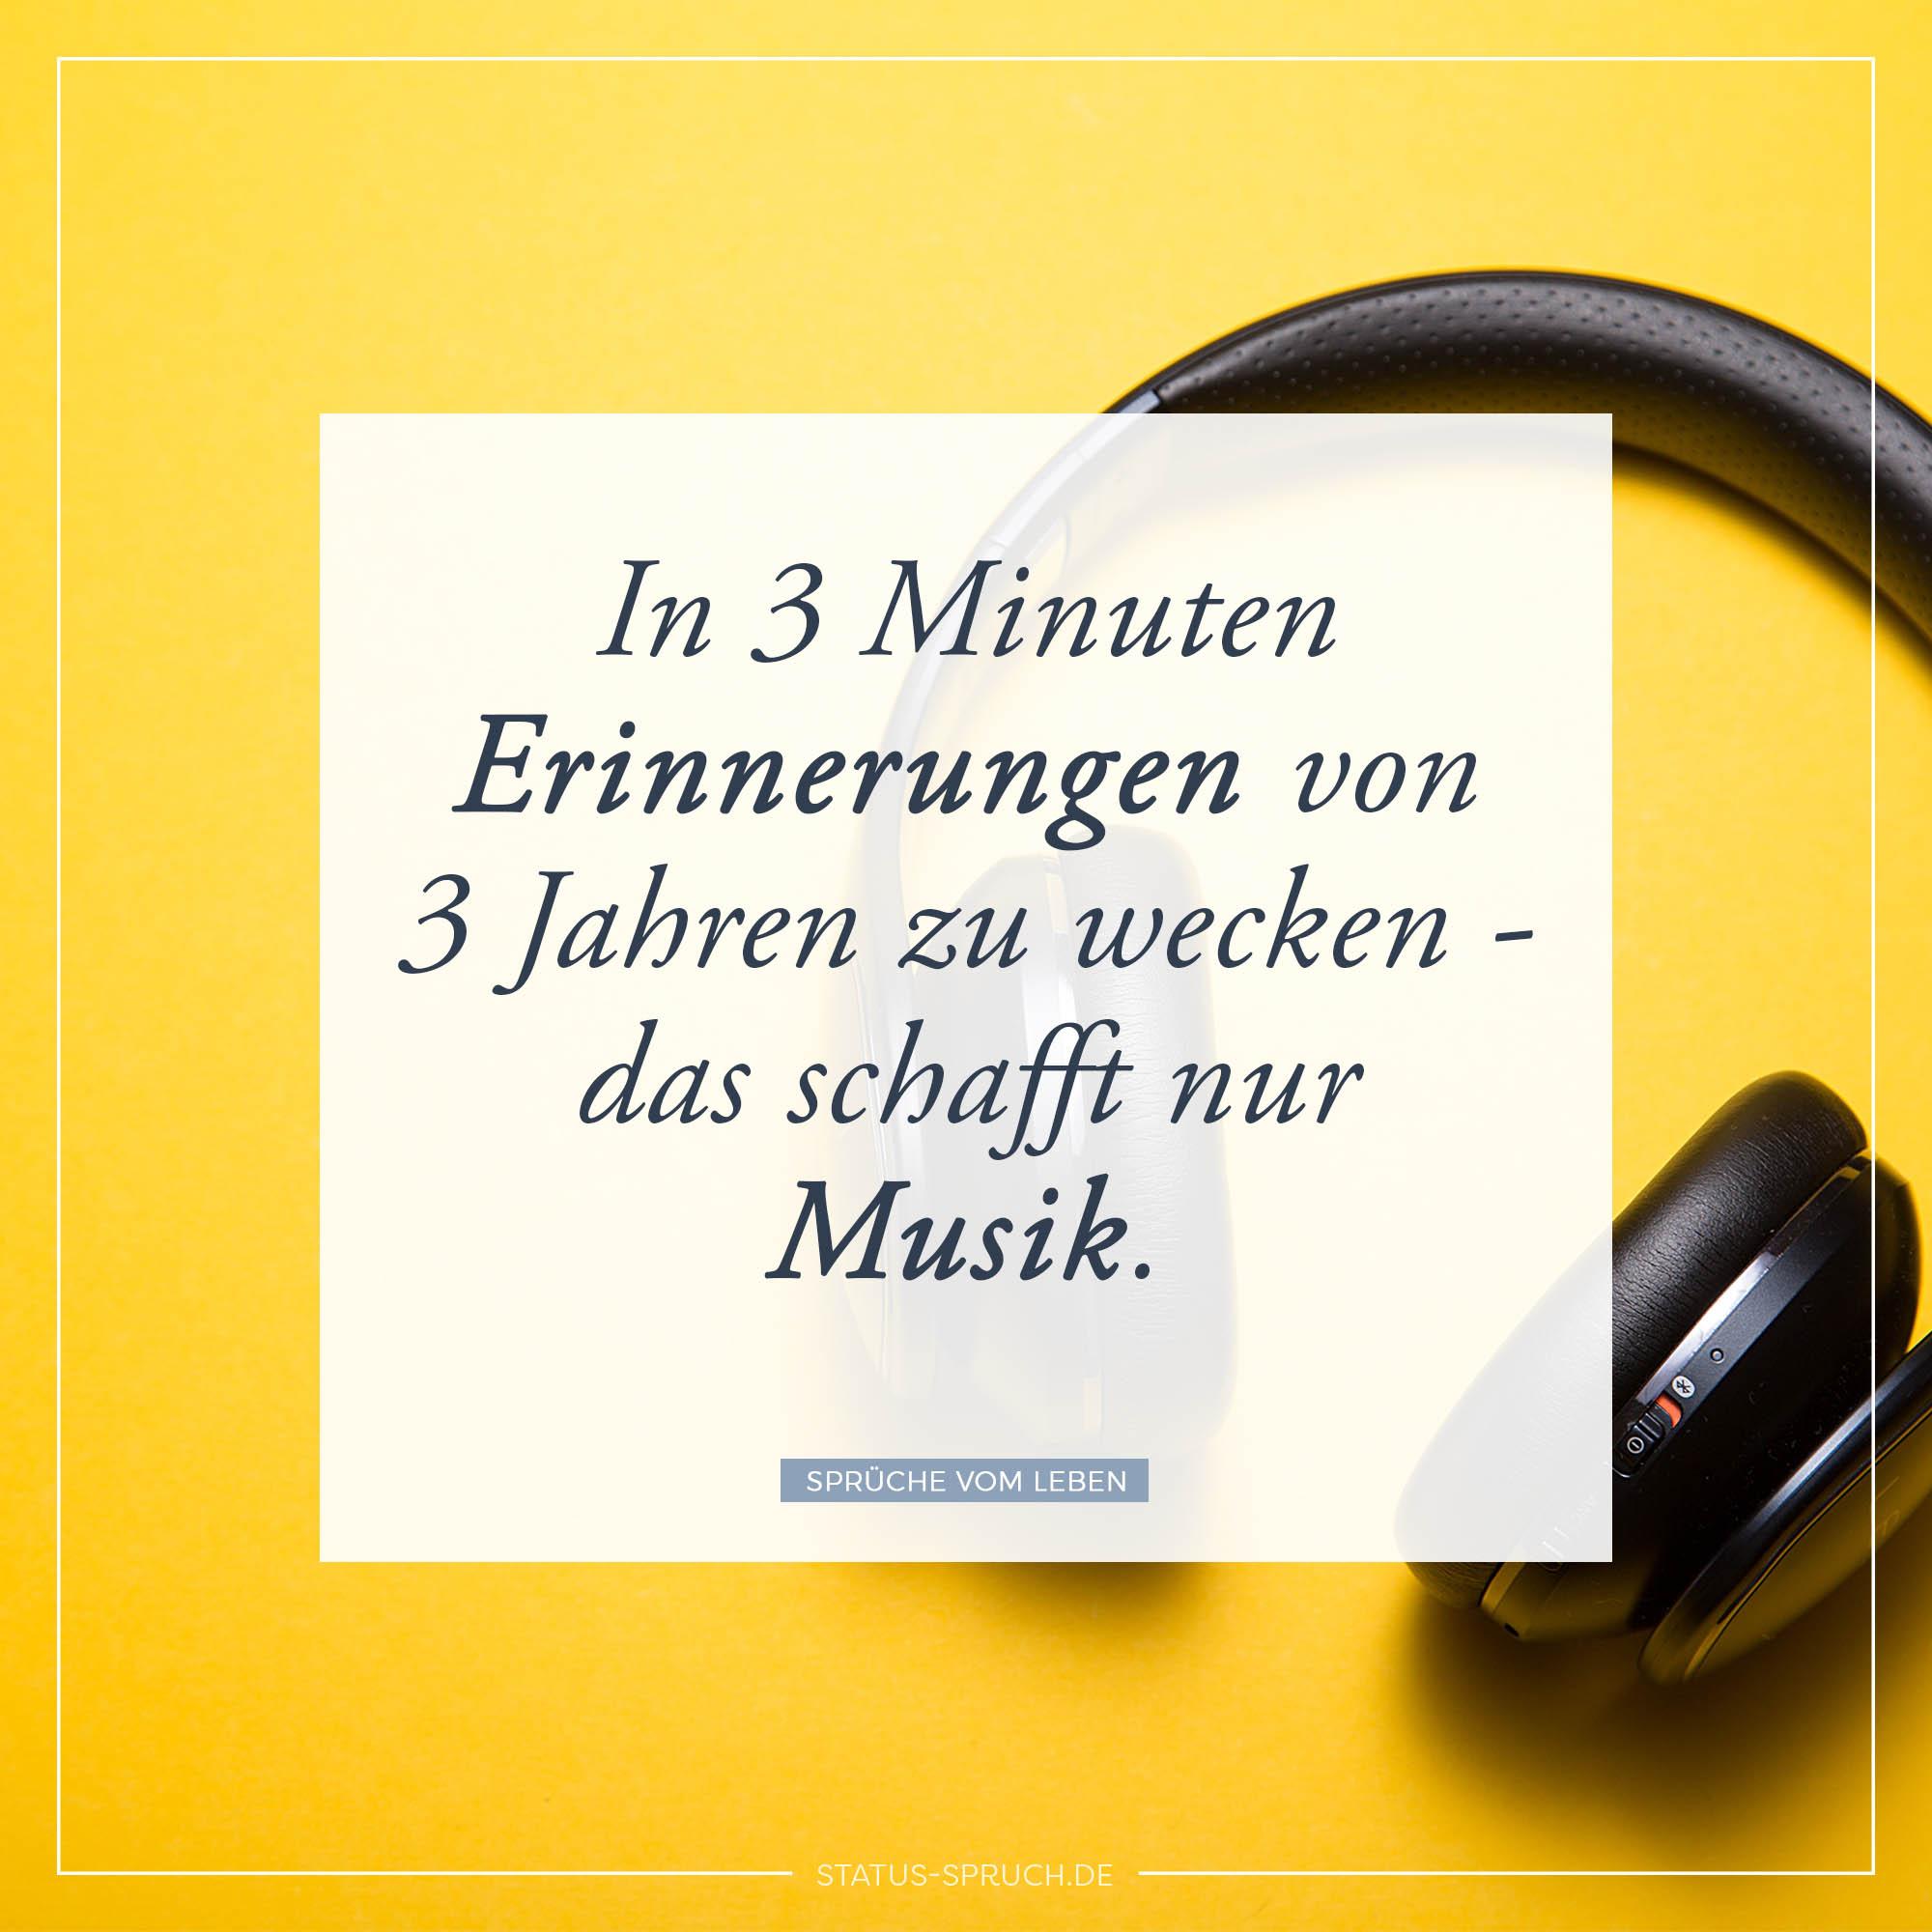 Musik Sprüche WhatsApp